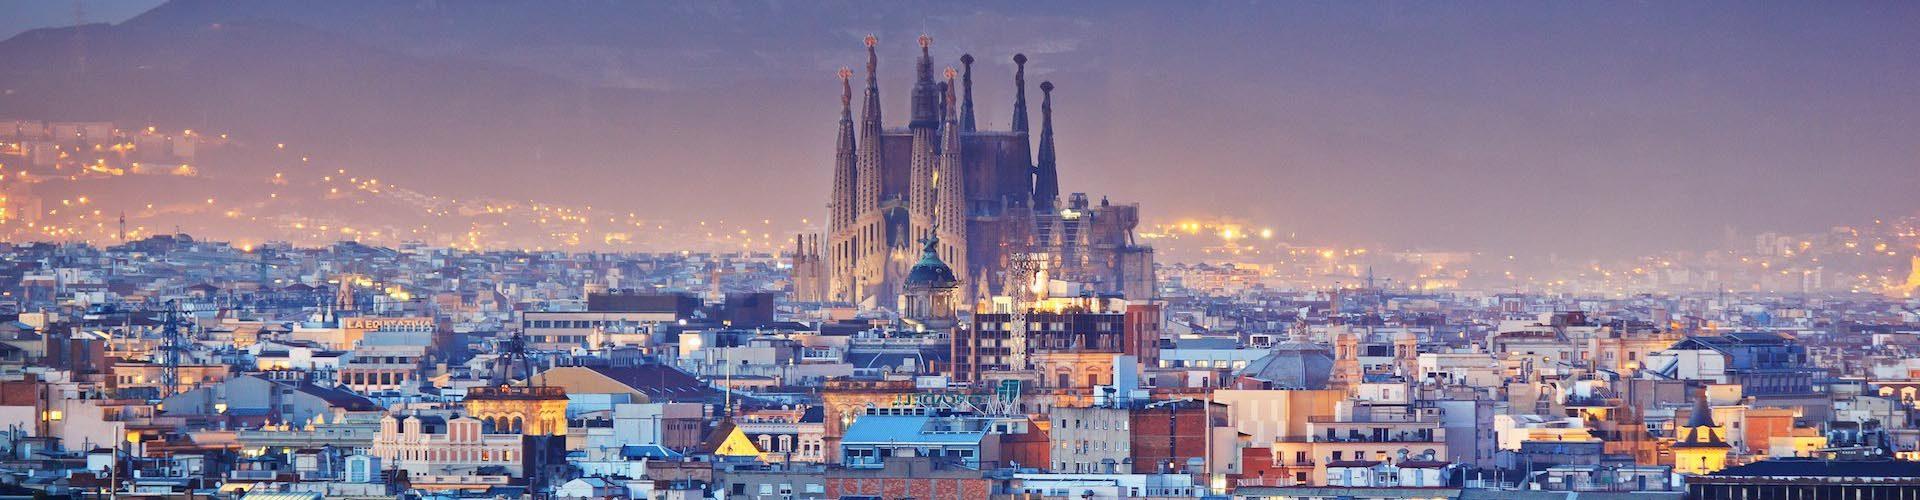 Цены на авиабилеты в Барселону Испания Дешевые билеты